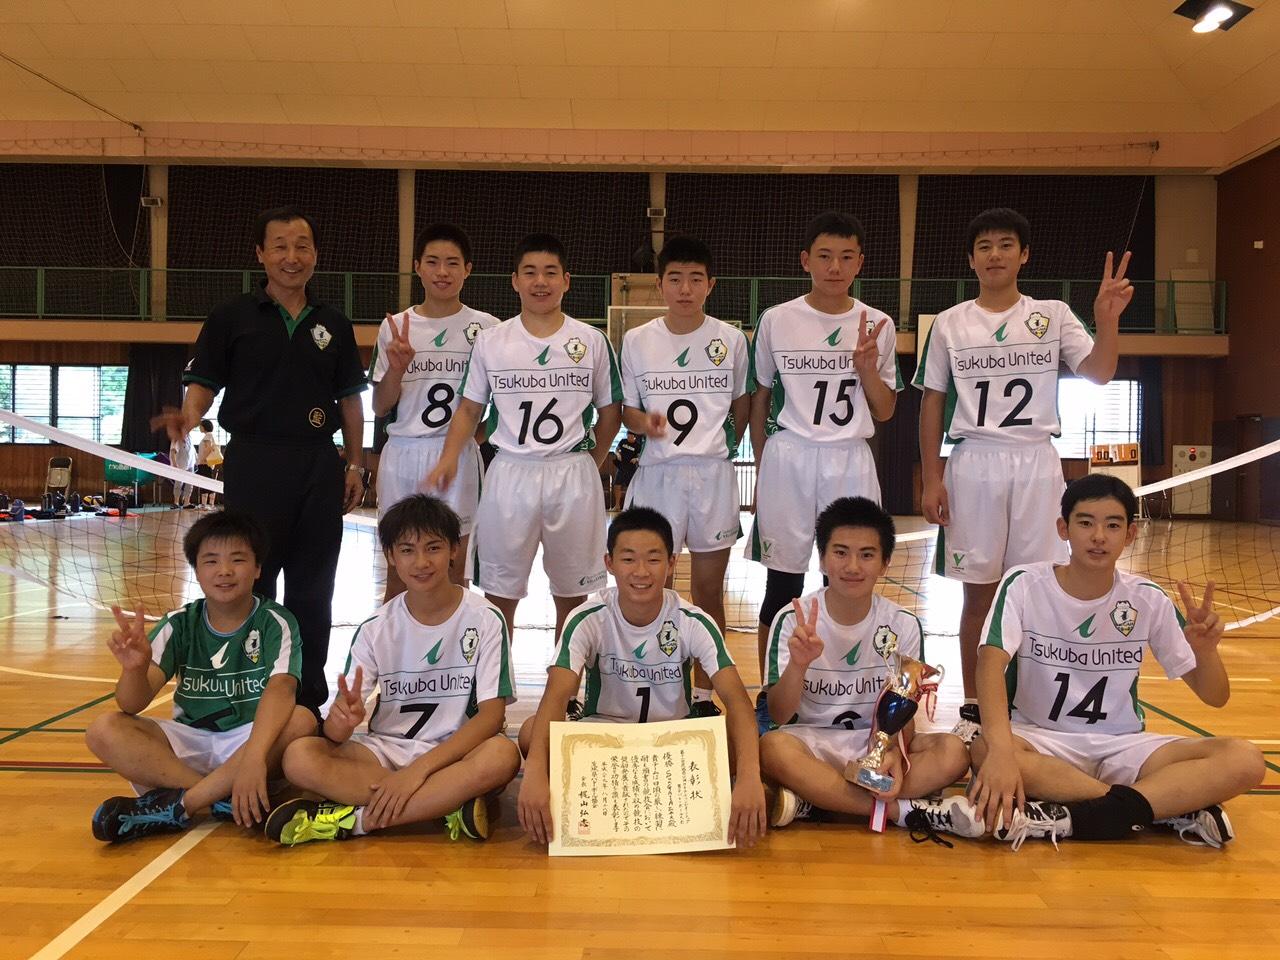 第12回茨城県U14クラブチャンピオンシップ男子バレーボール大会」で、Sun GAIA Jr.ユース男子選抜チームが優勝